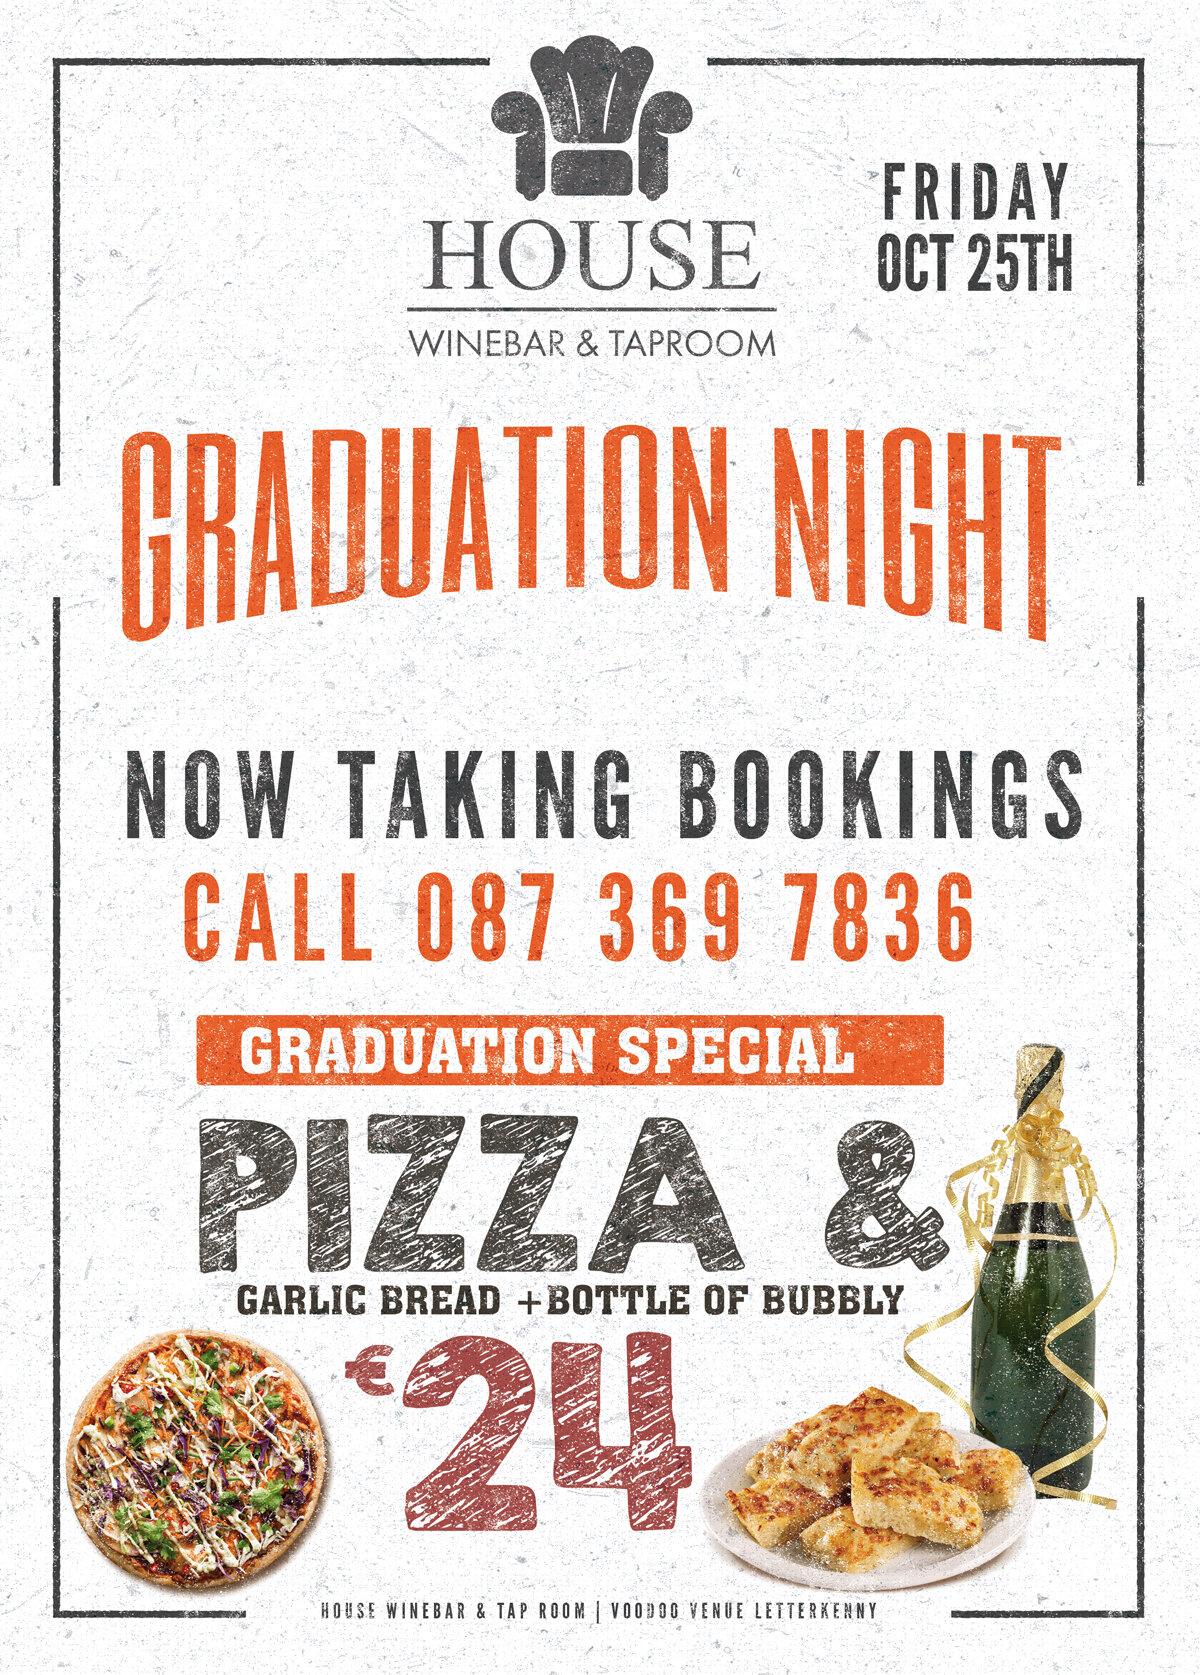 house-graduation-deal-oct-25-2019.jpg